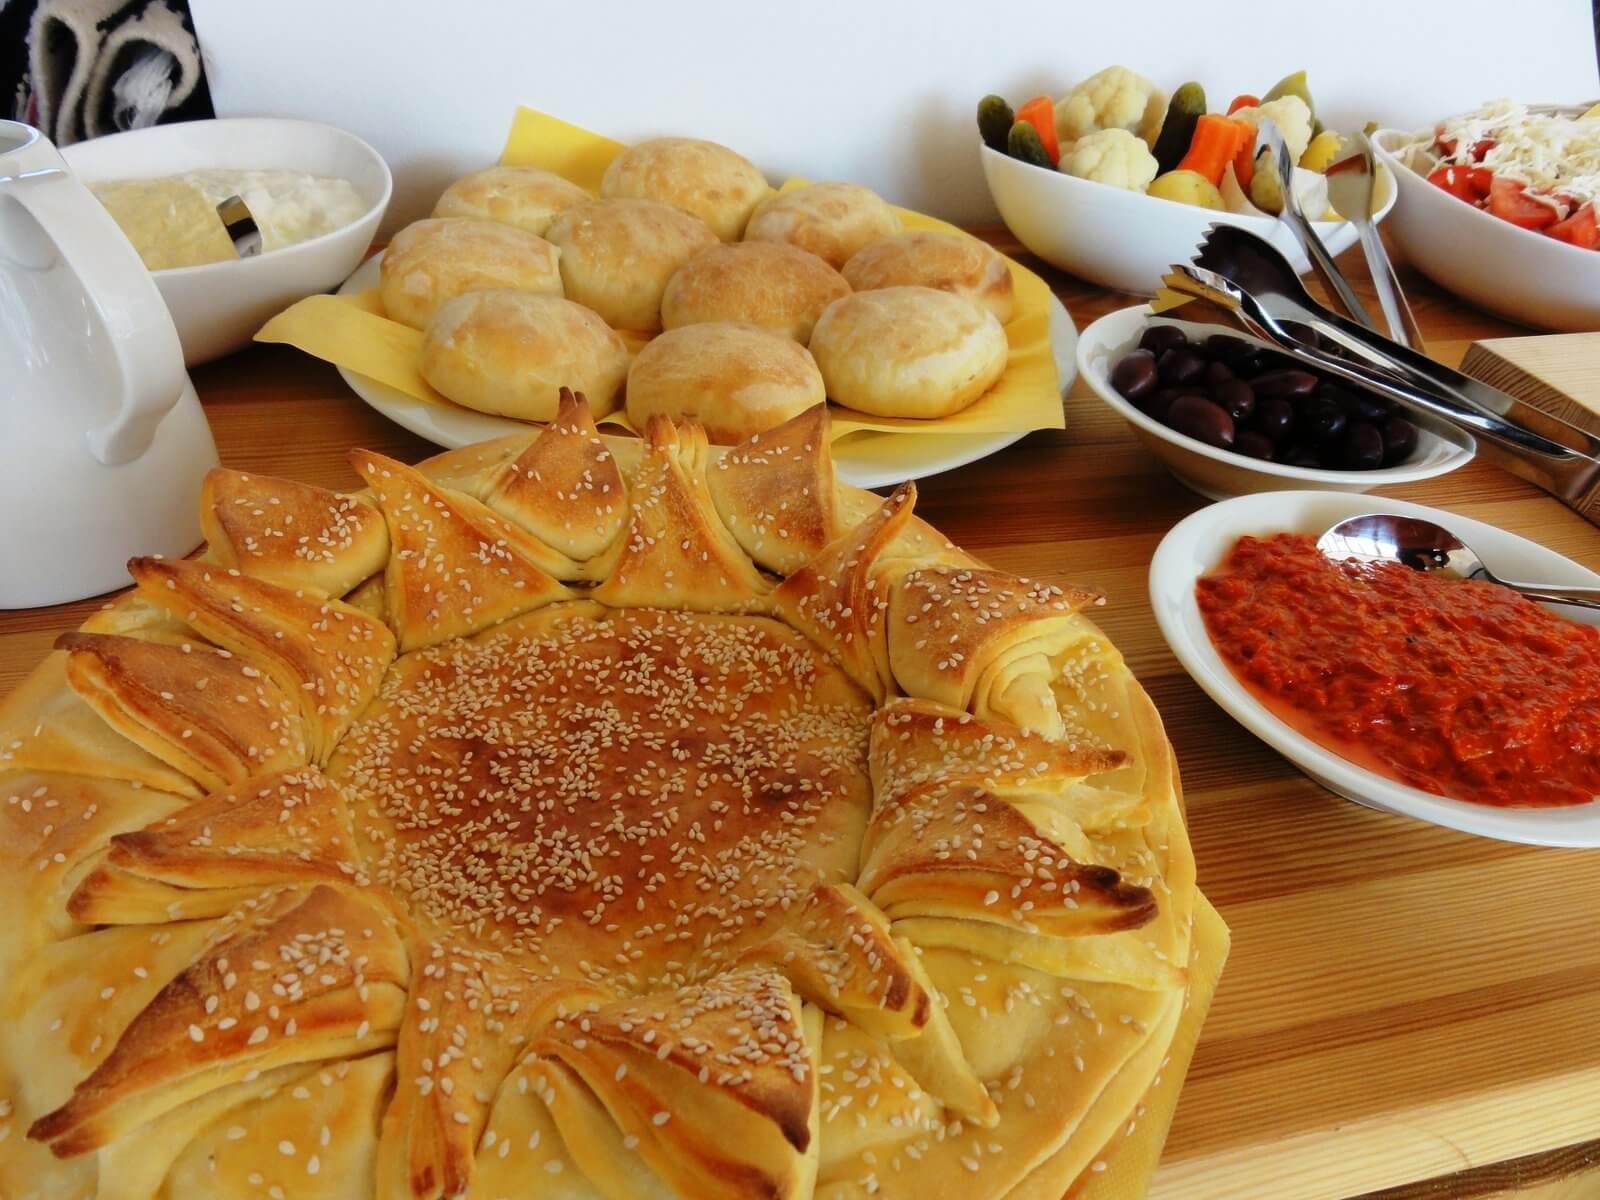 Homemade bread at Sunday brunch